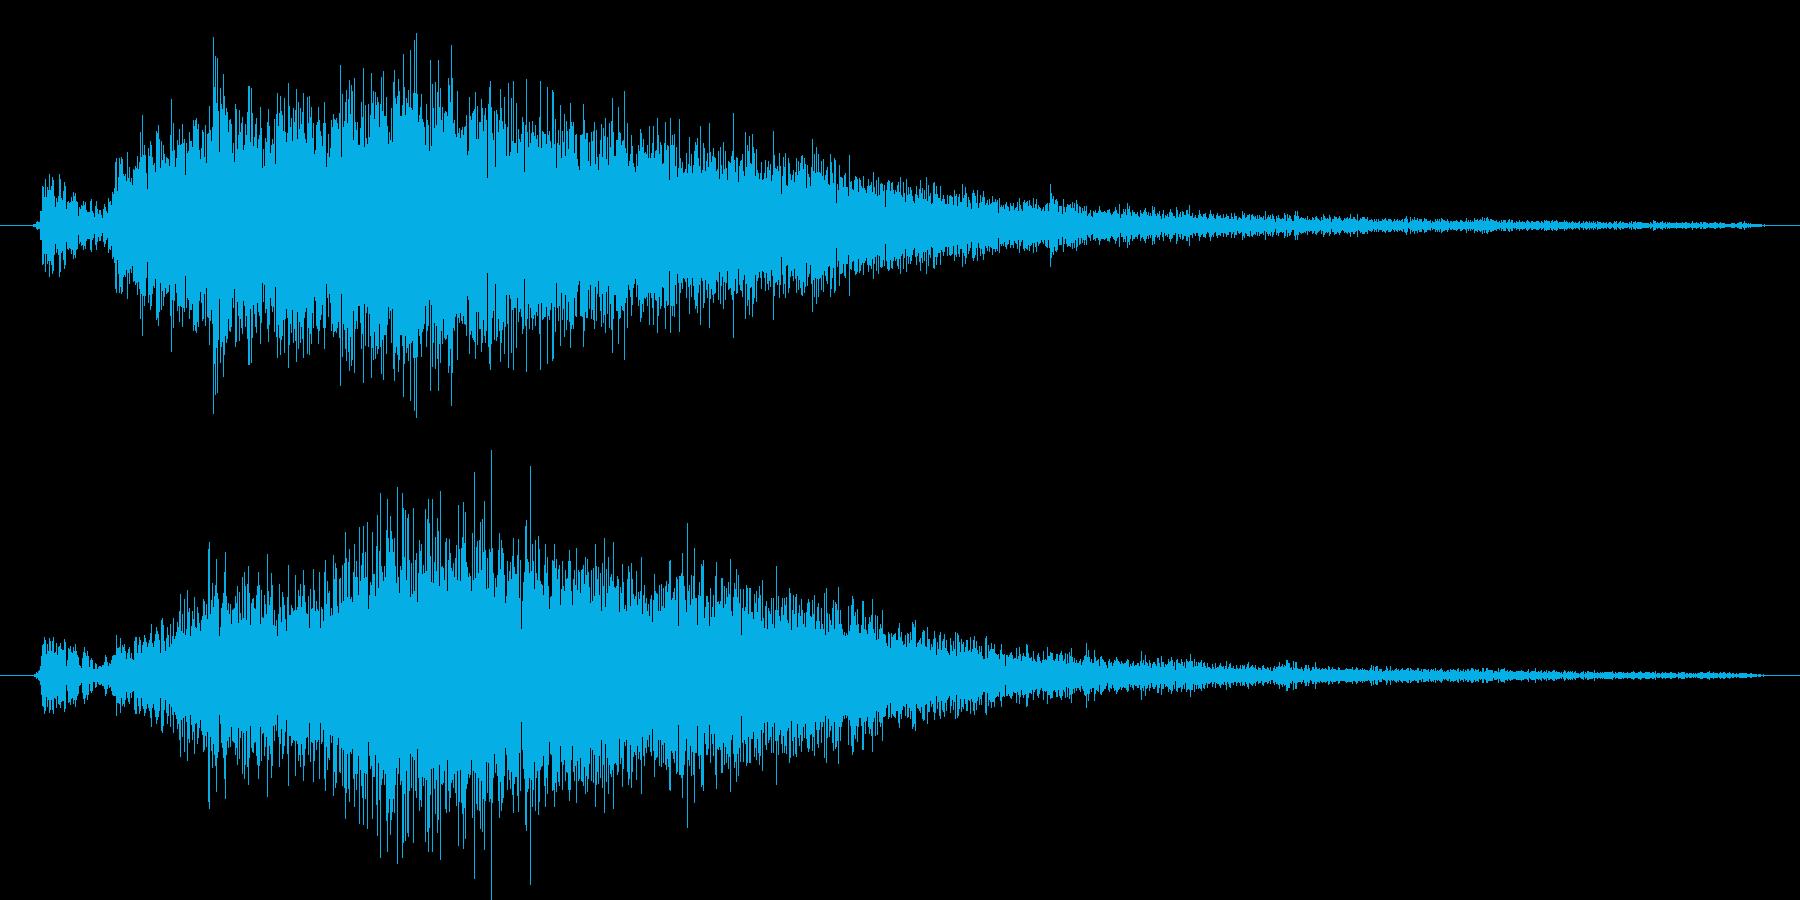 空気が放出される音の再生済みの波形